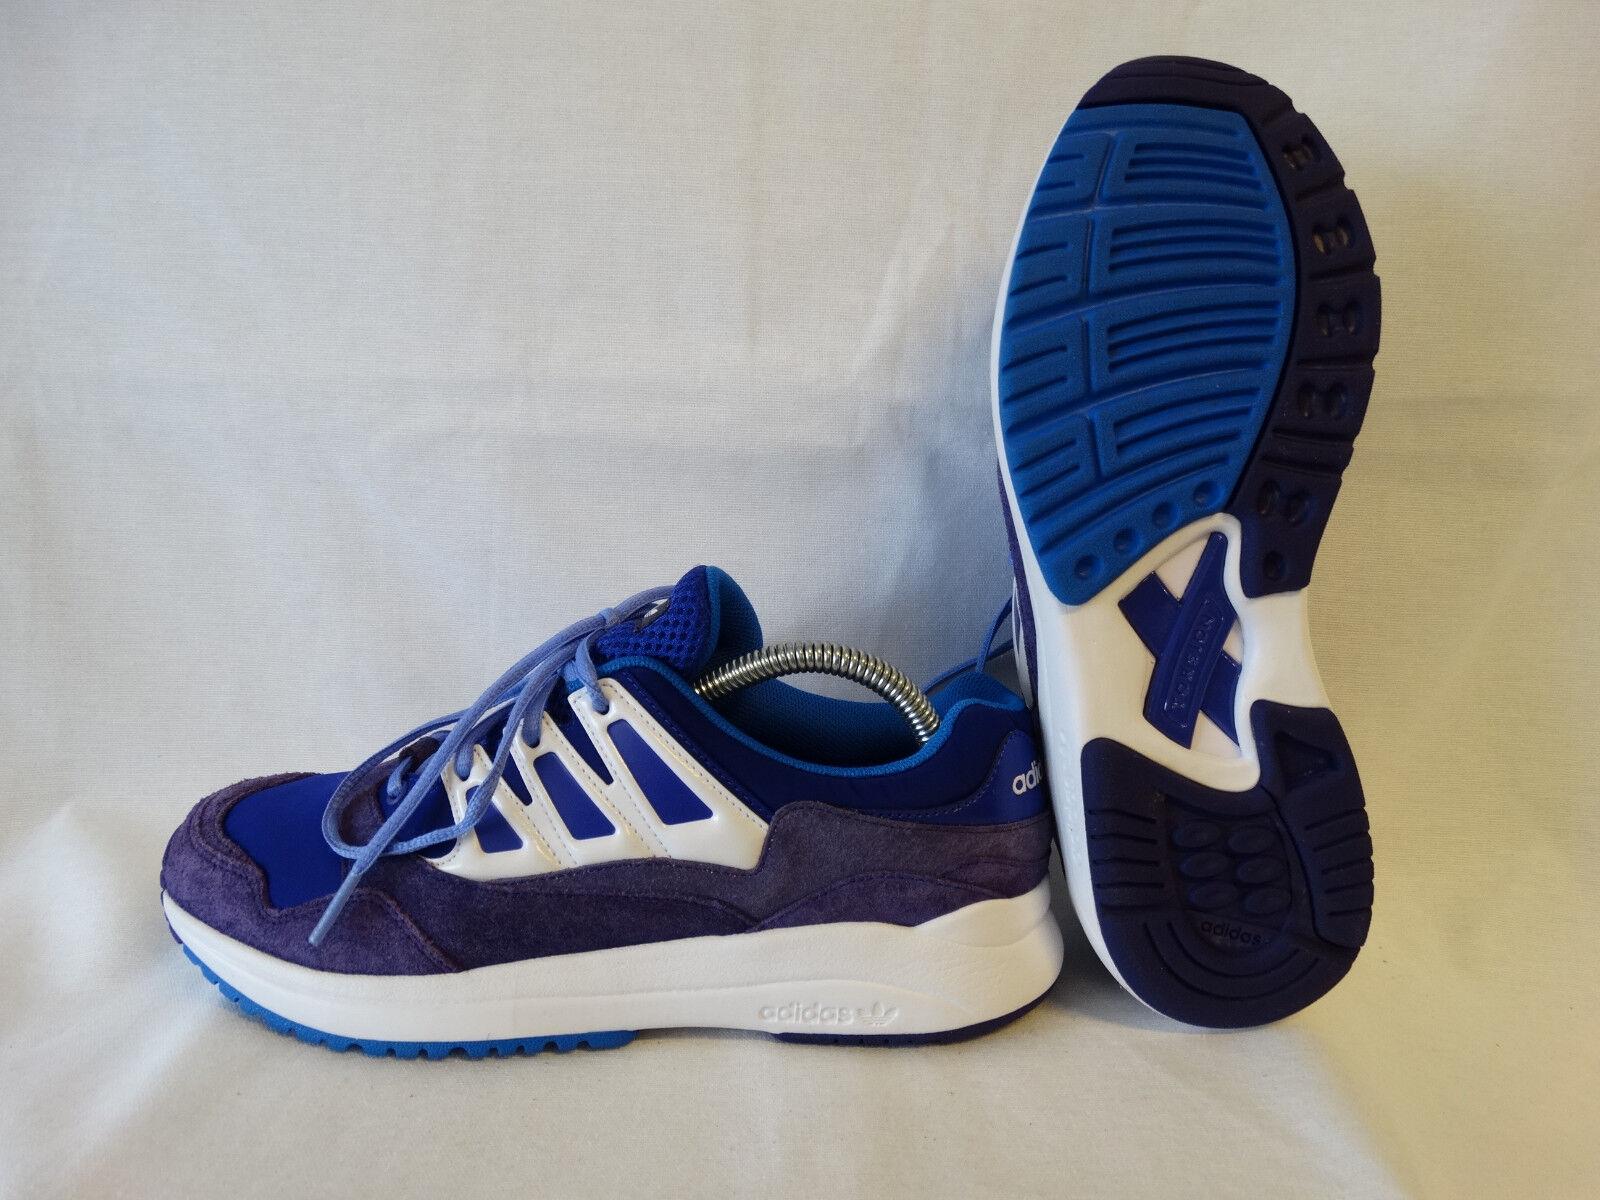 Adidas Torsion Allegra Damänner Laufschuhe G95701 lila-weiß-blau EU 38 2 3 UK 5,5